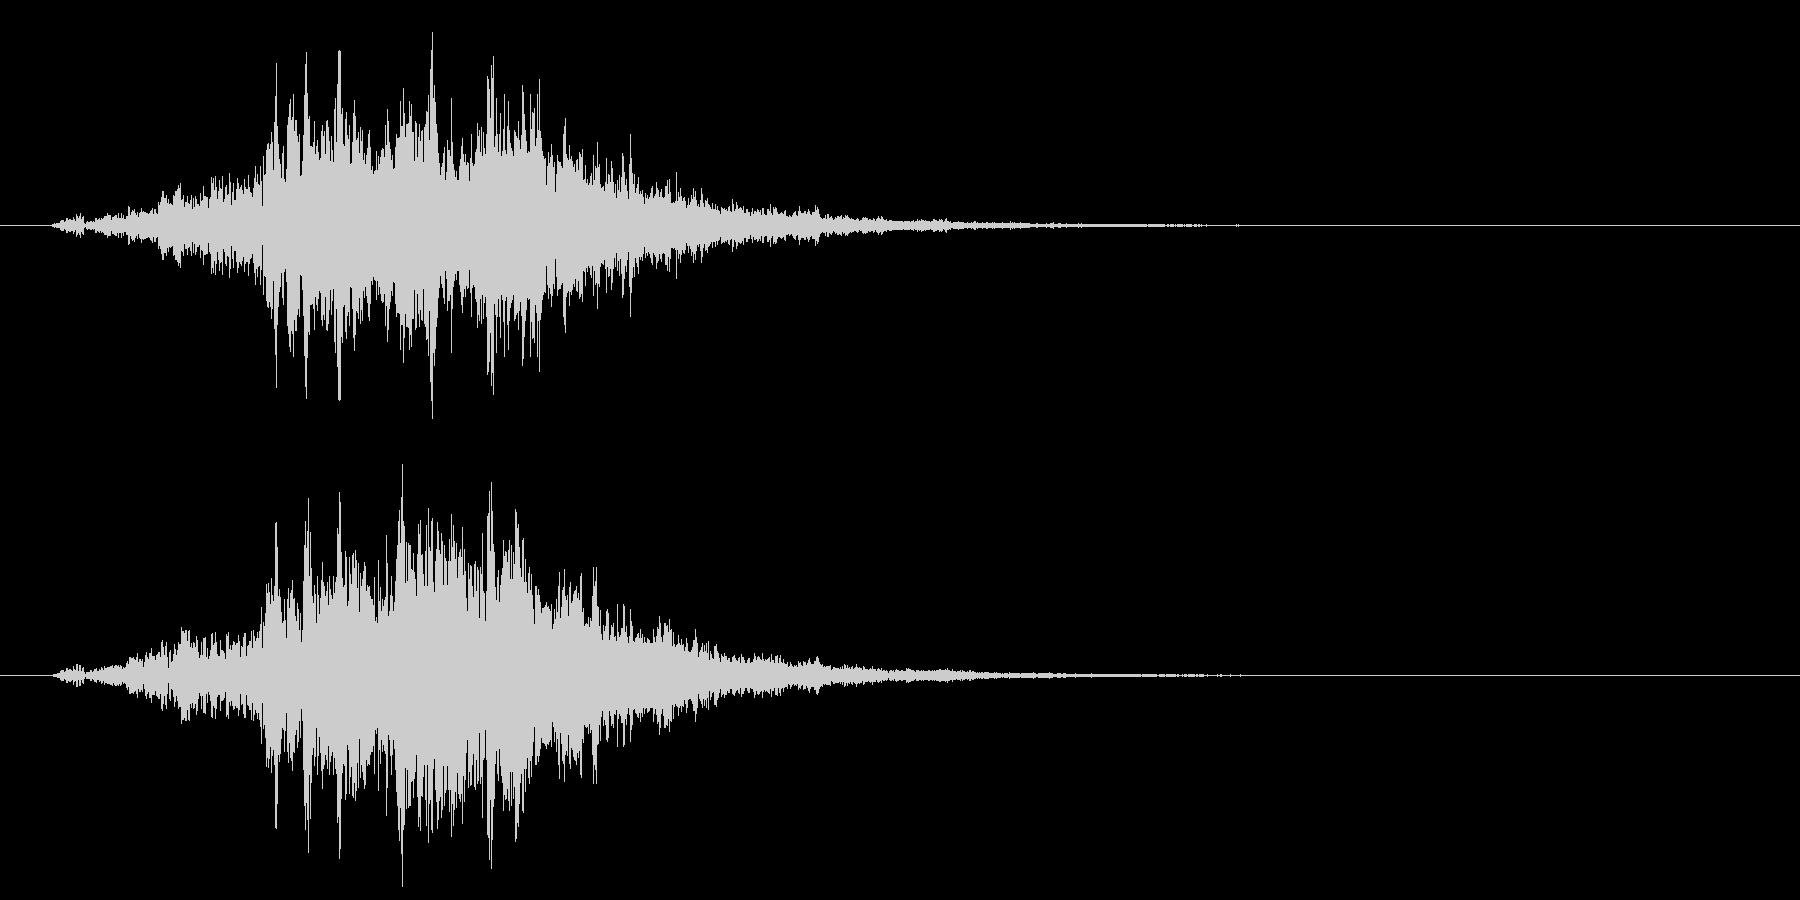 古いパソコンの起動音風ジングル4の未再生の波形